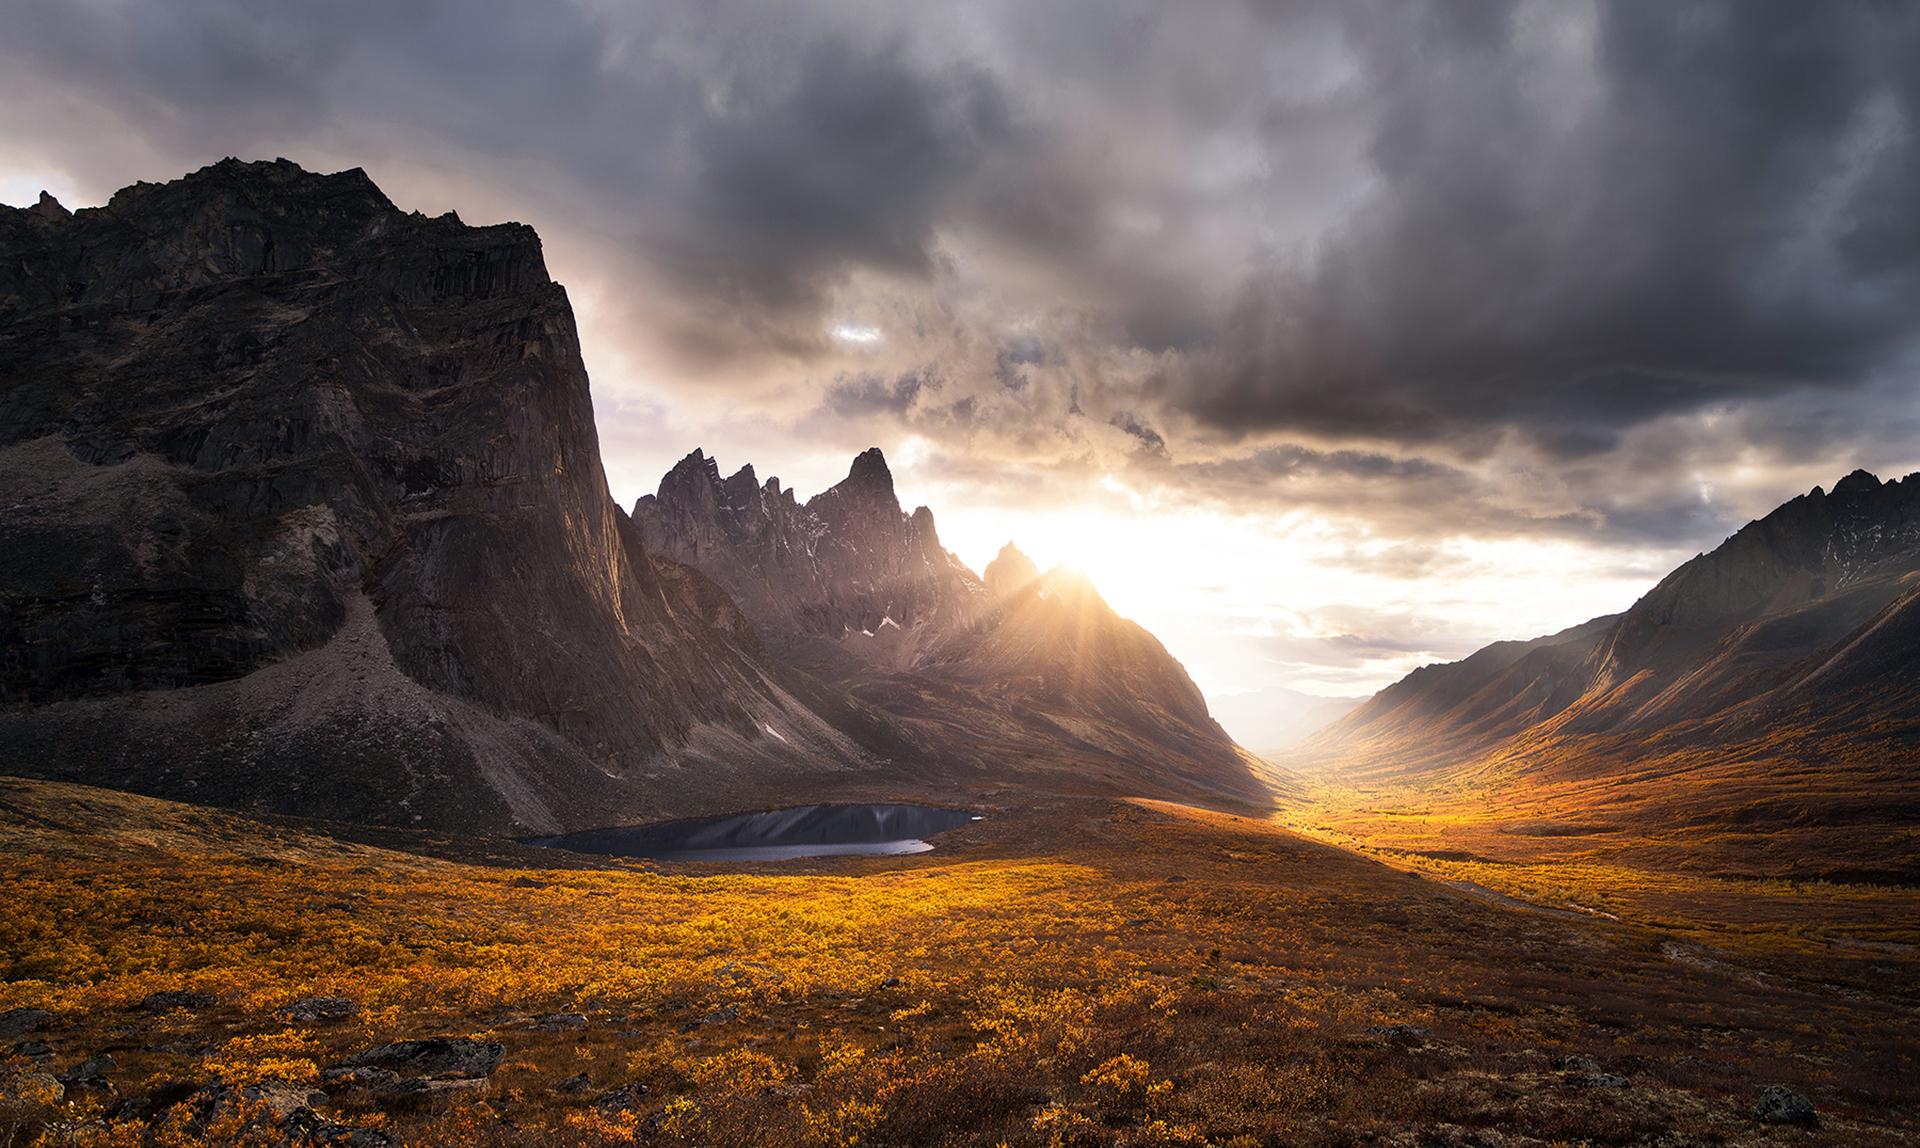 скалы горы закат  № 371326 бесплатно